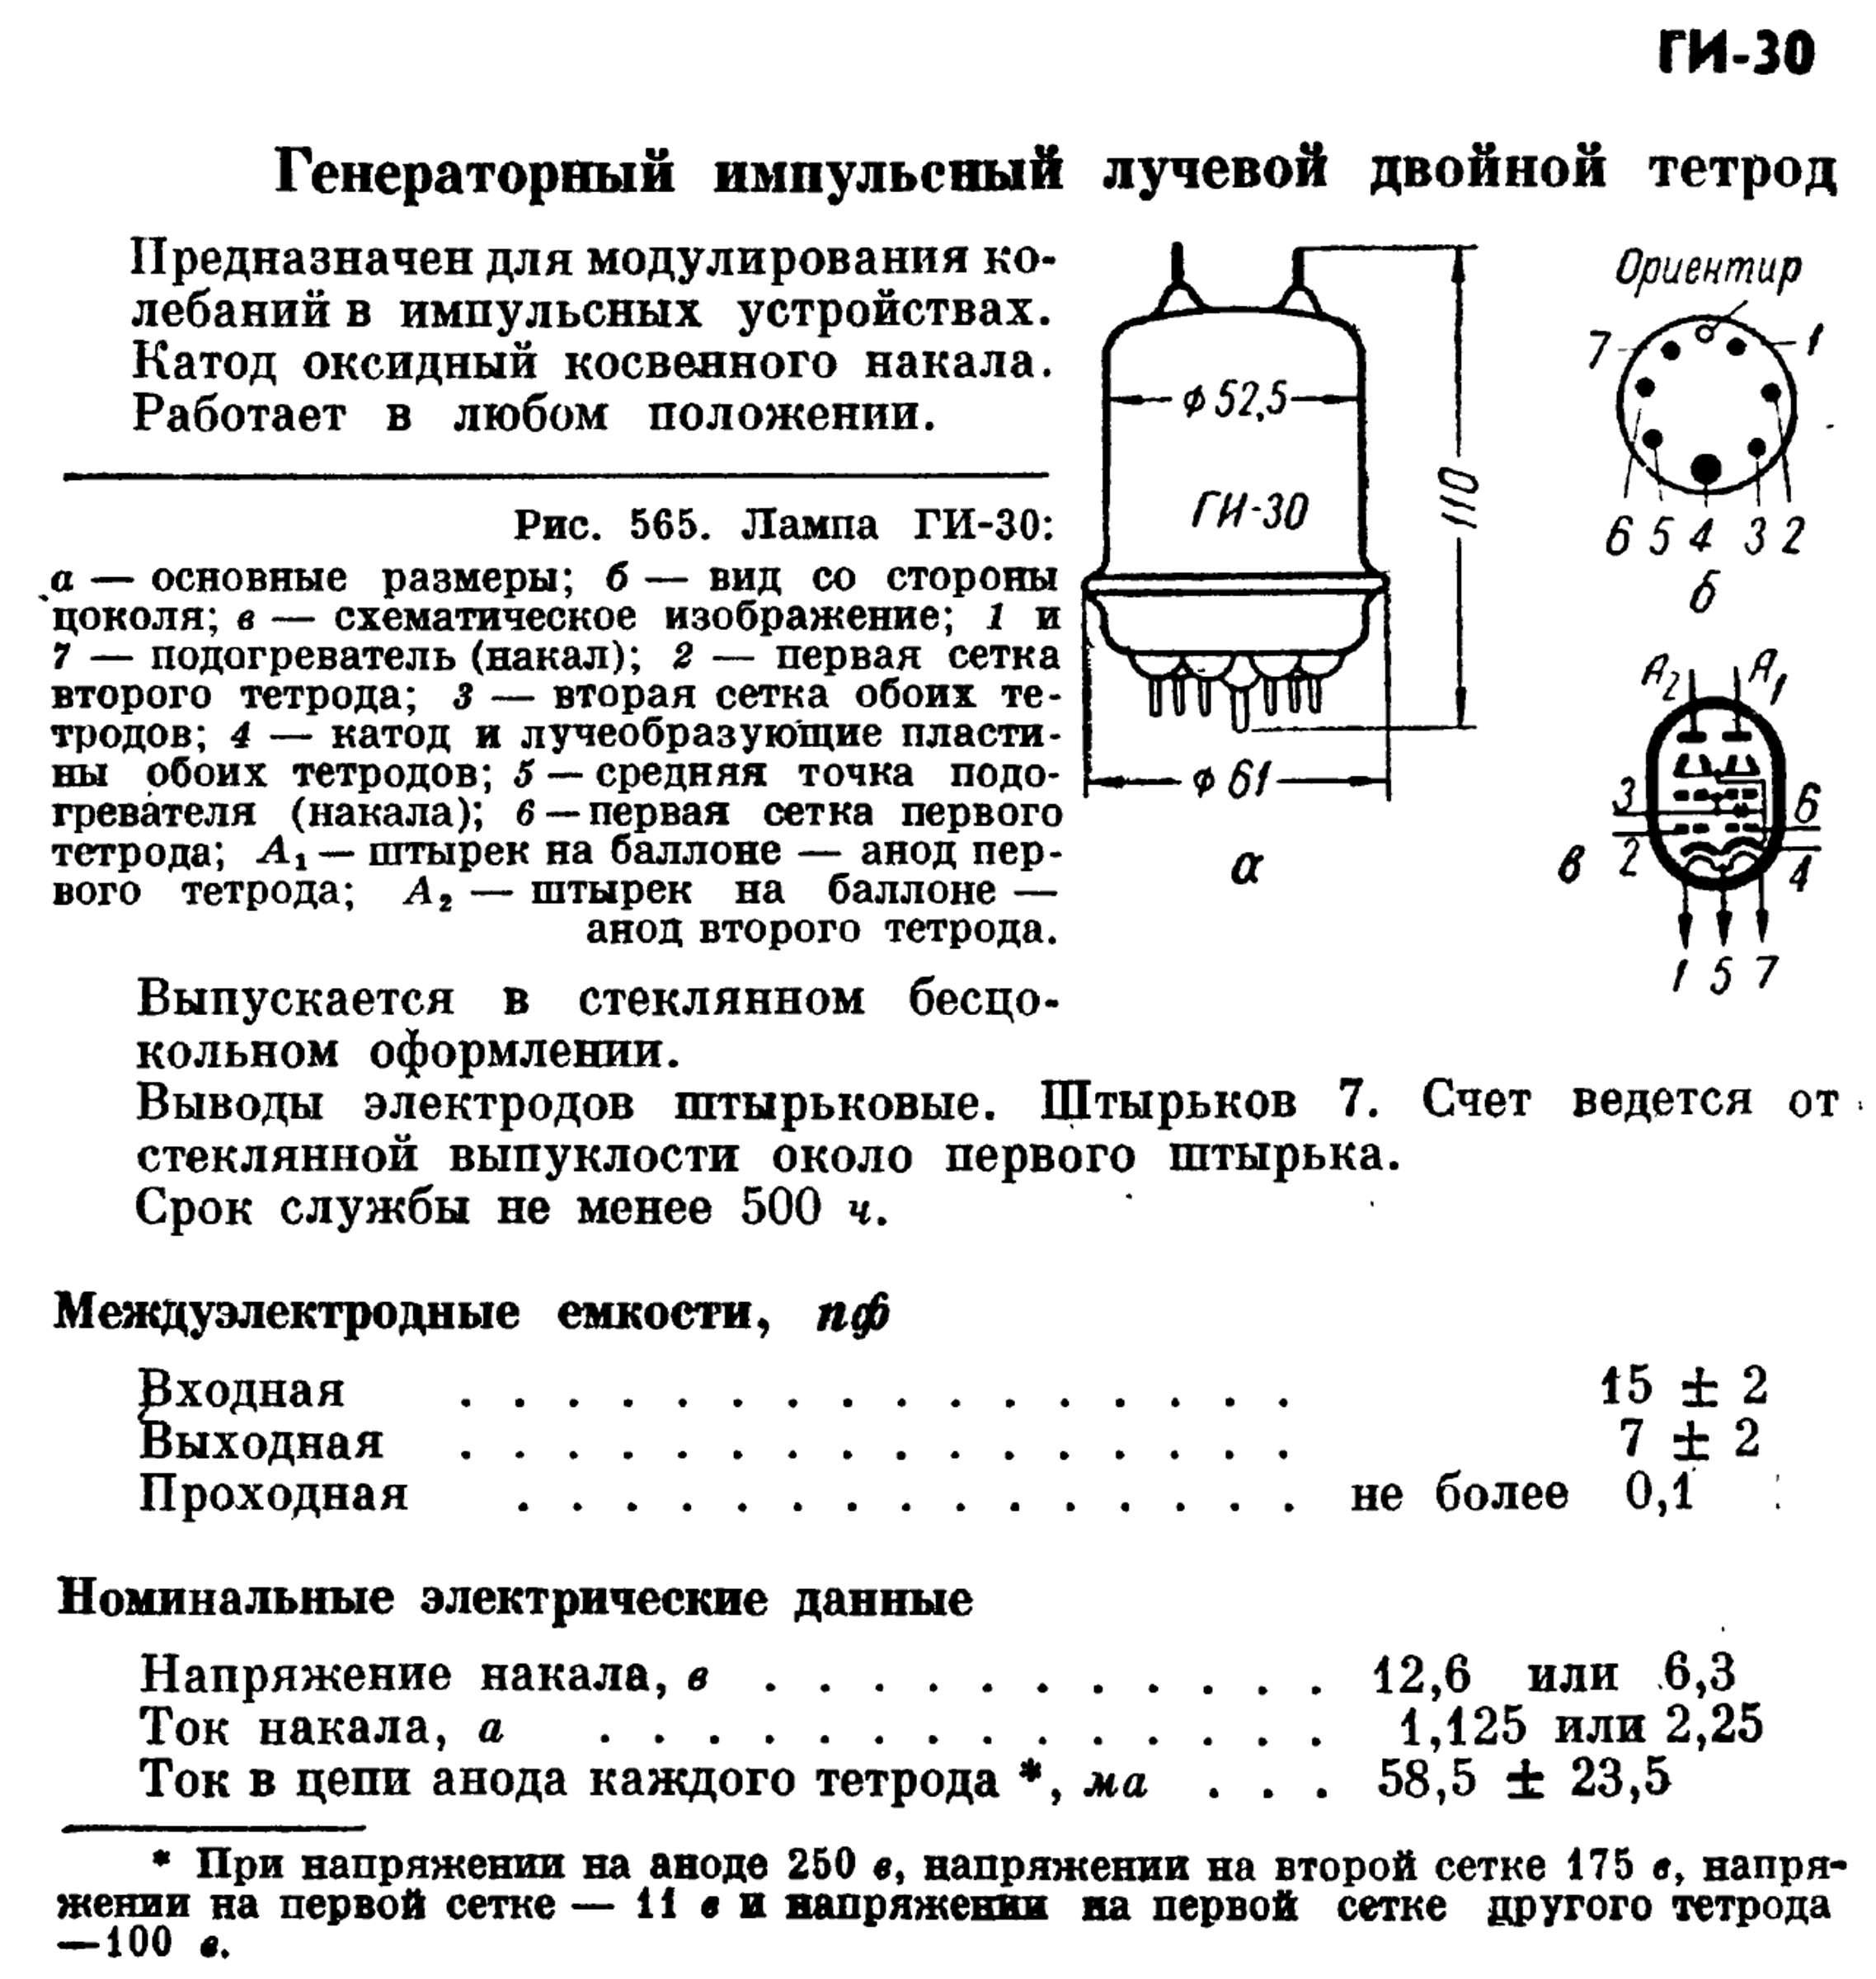 Параметры радиолампы ГИ-30